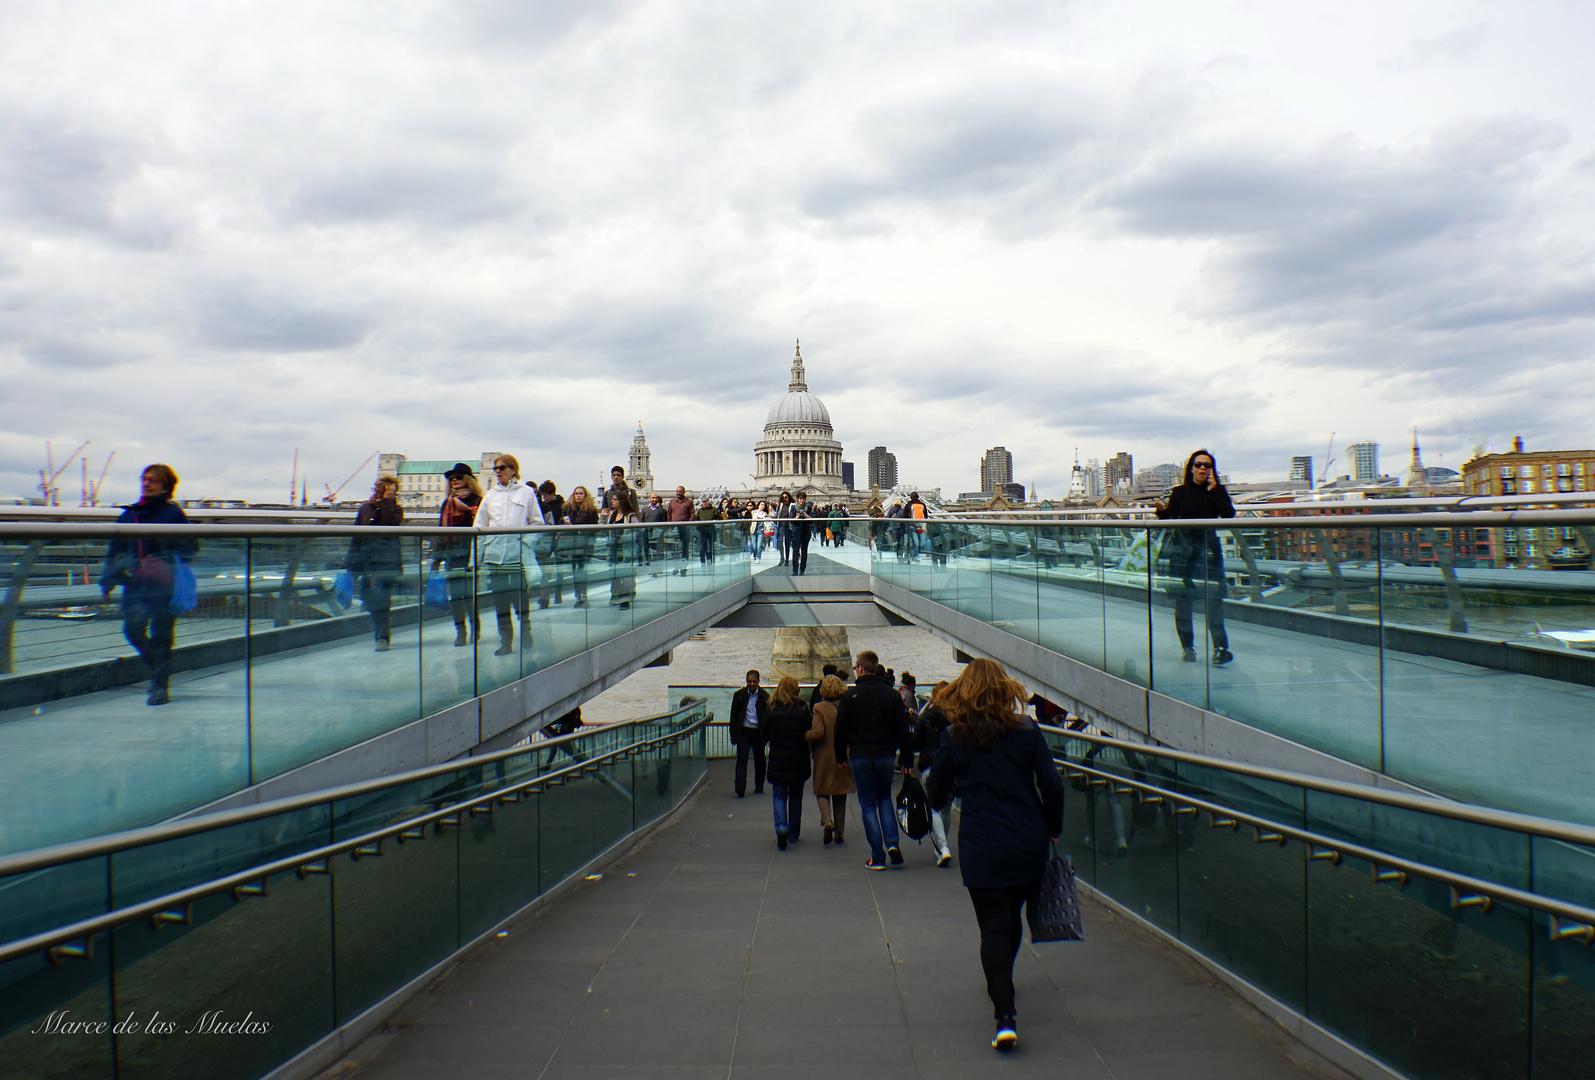 ...Millenium Bridge...